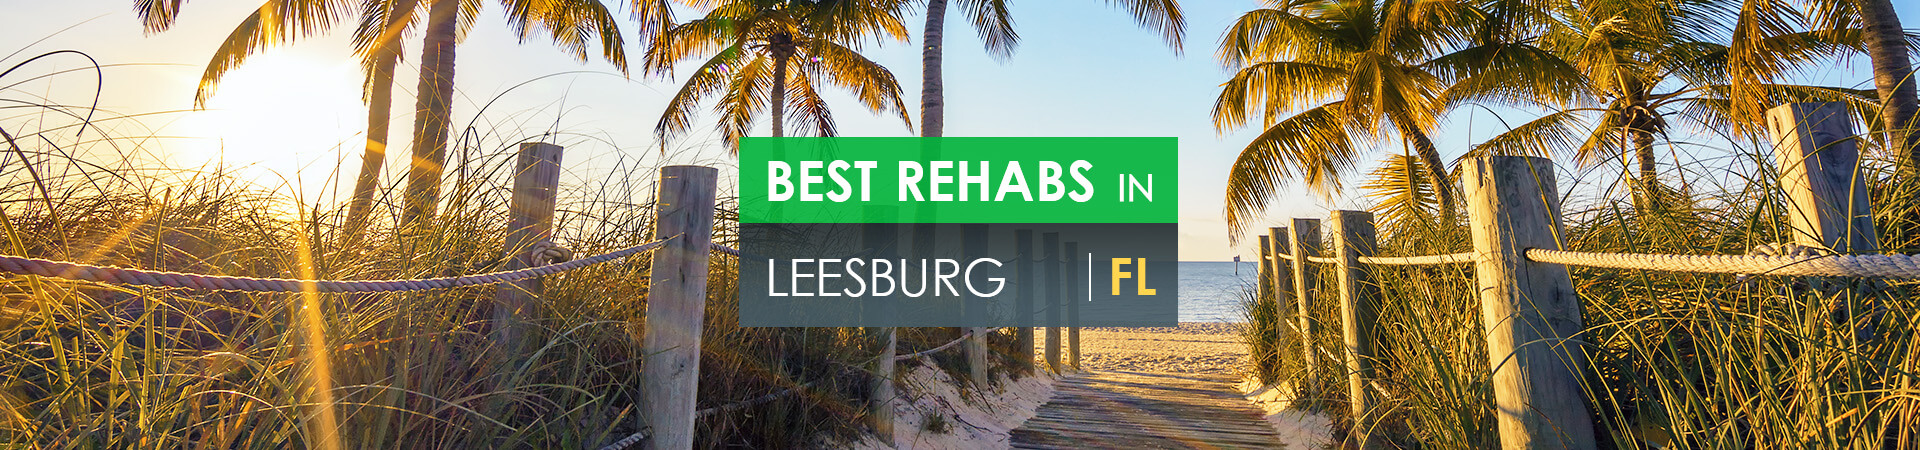 Best rehabs in Leesburg, FL